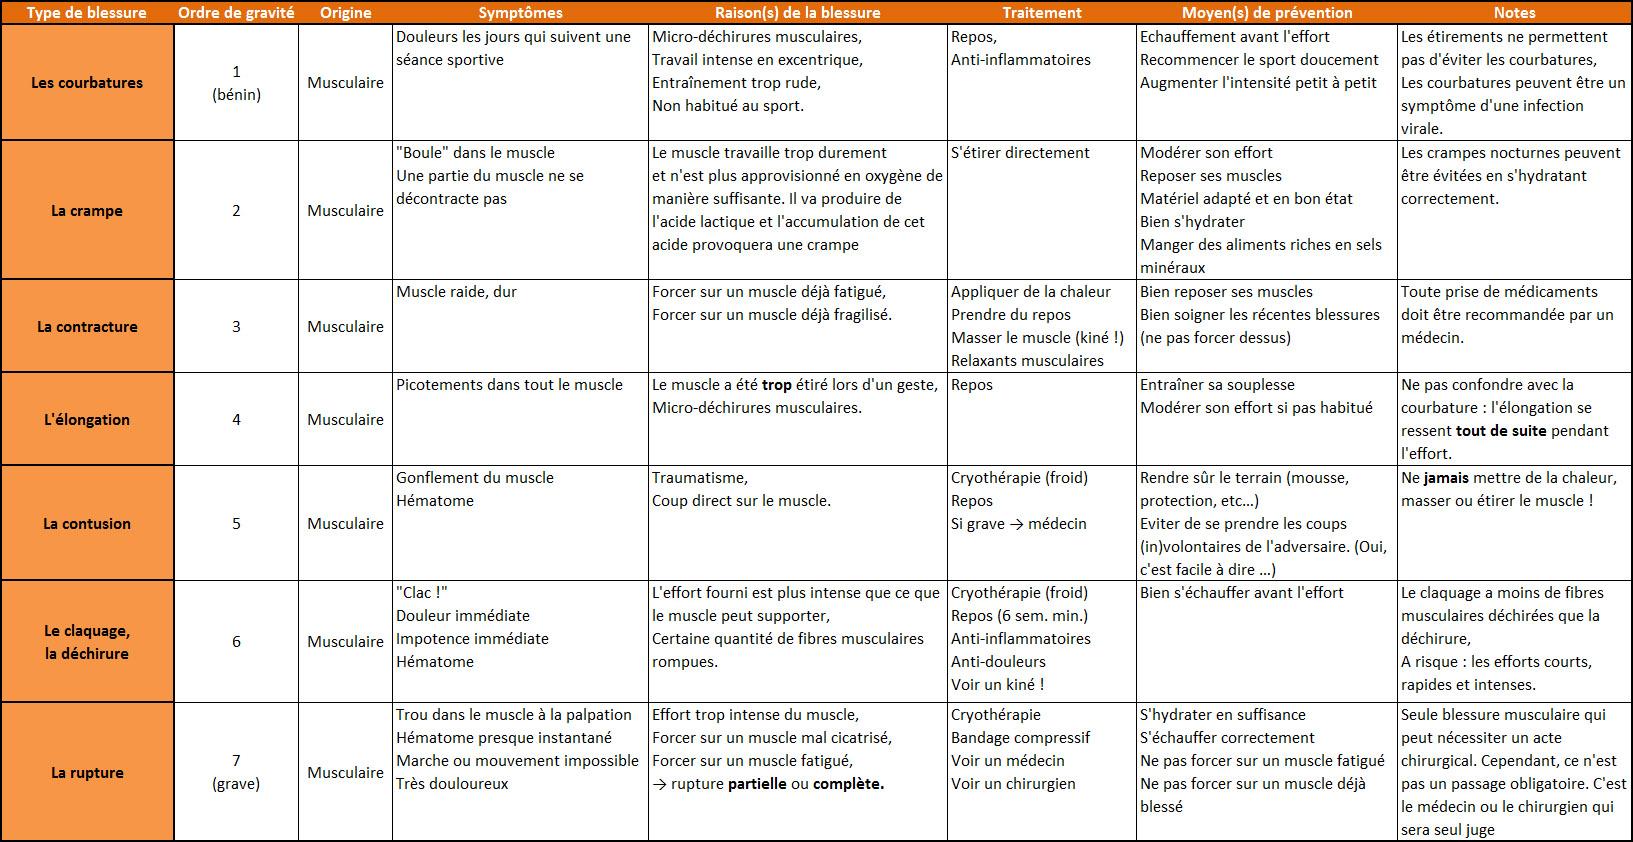 Tableau récapitulatif des blessures sportives : gravité, symptômes, raisons, traitement, moyens de prévention, et précisions.